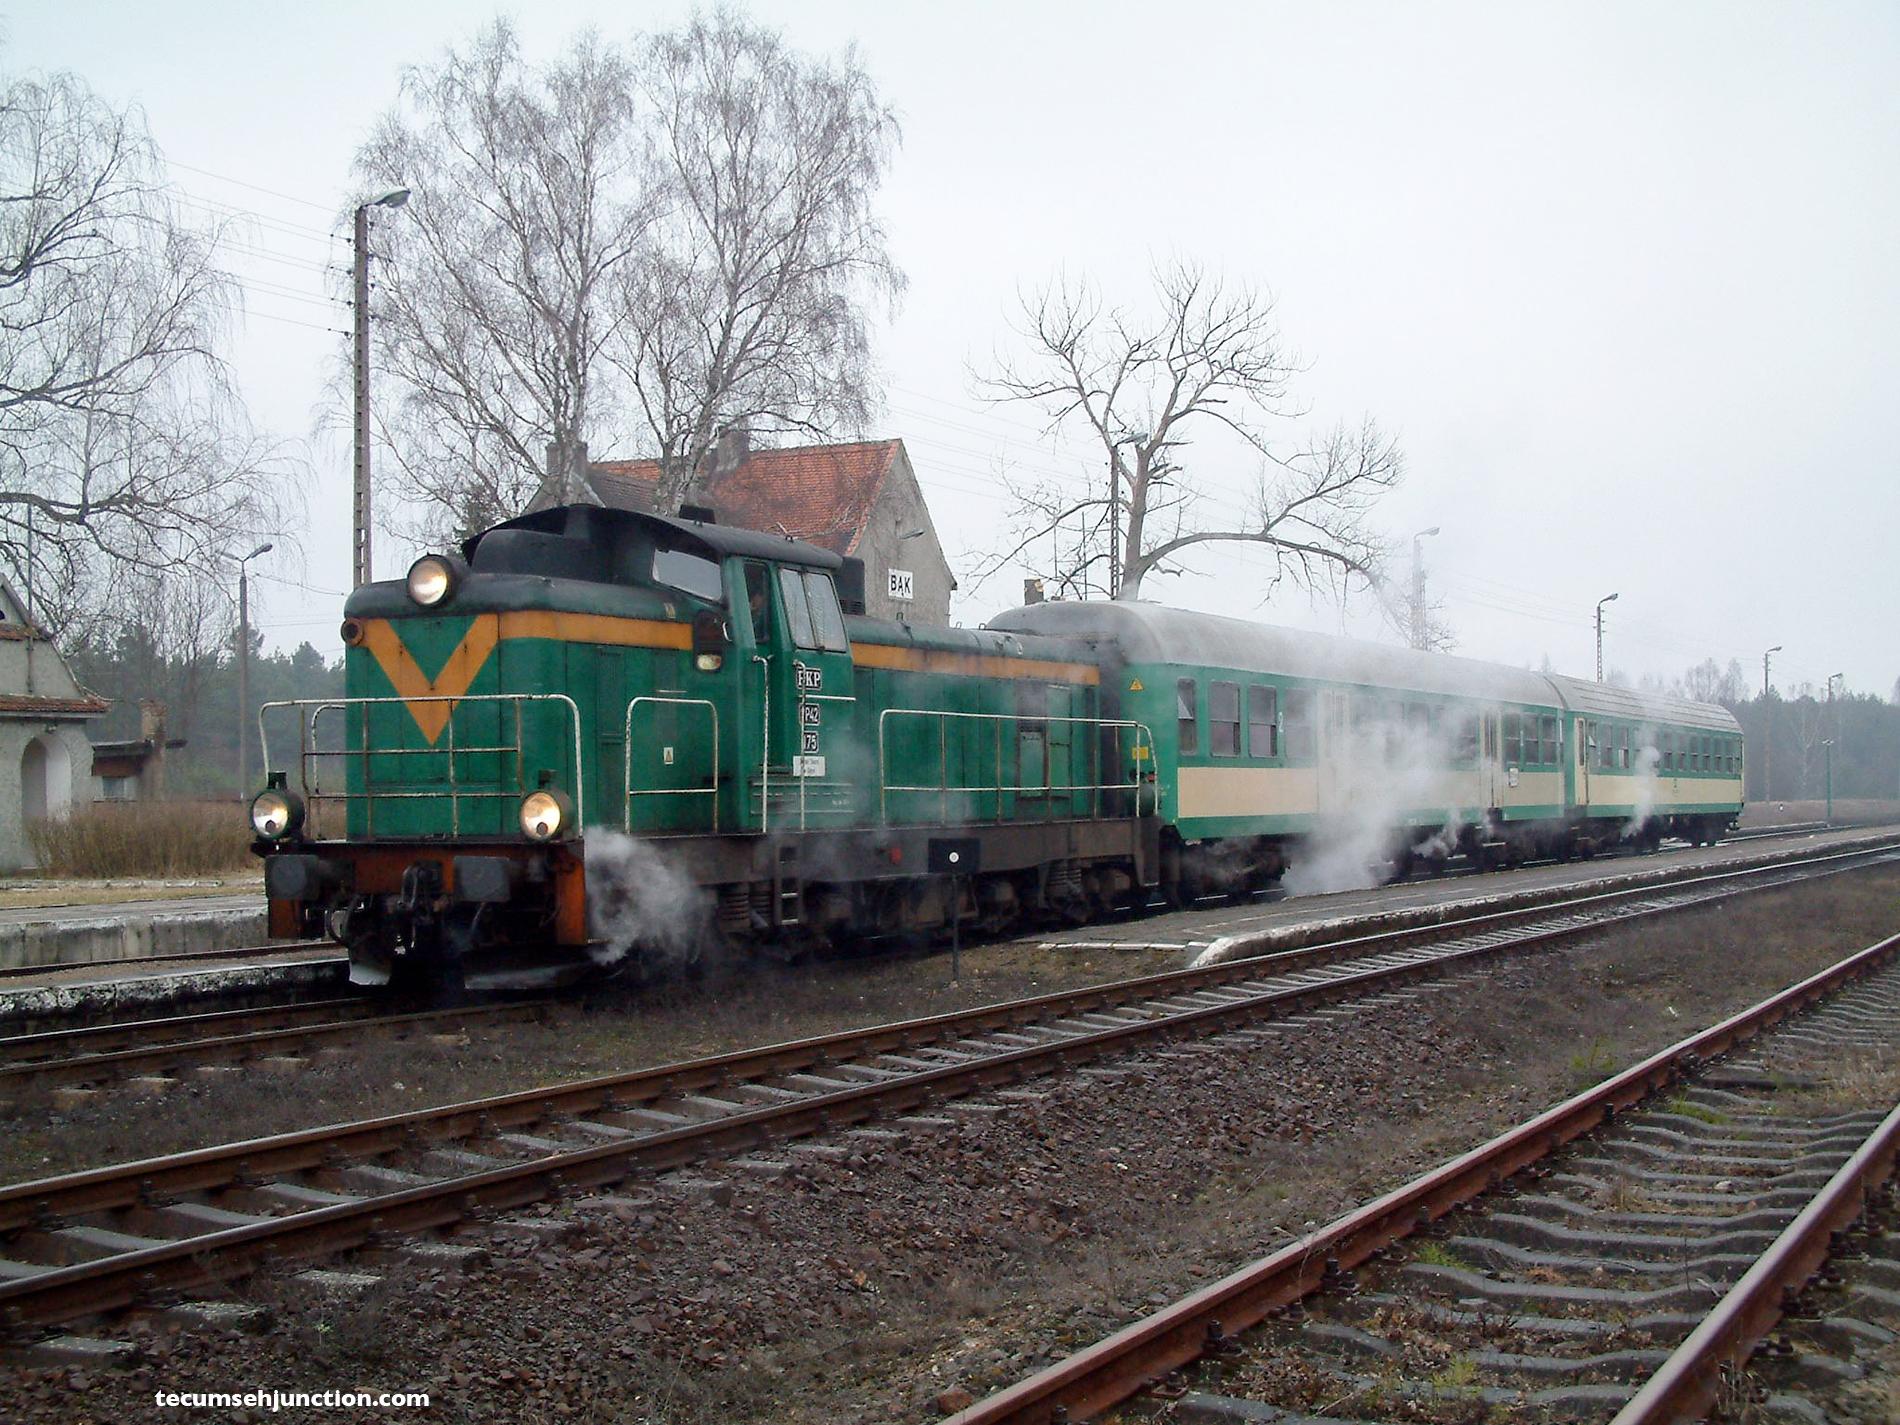 PKP train at Bąk